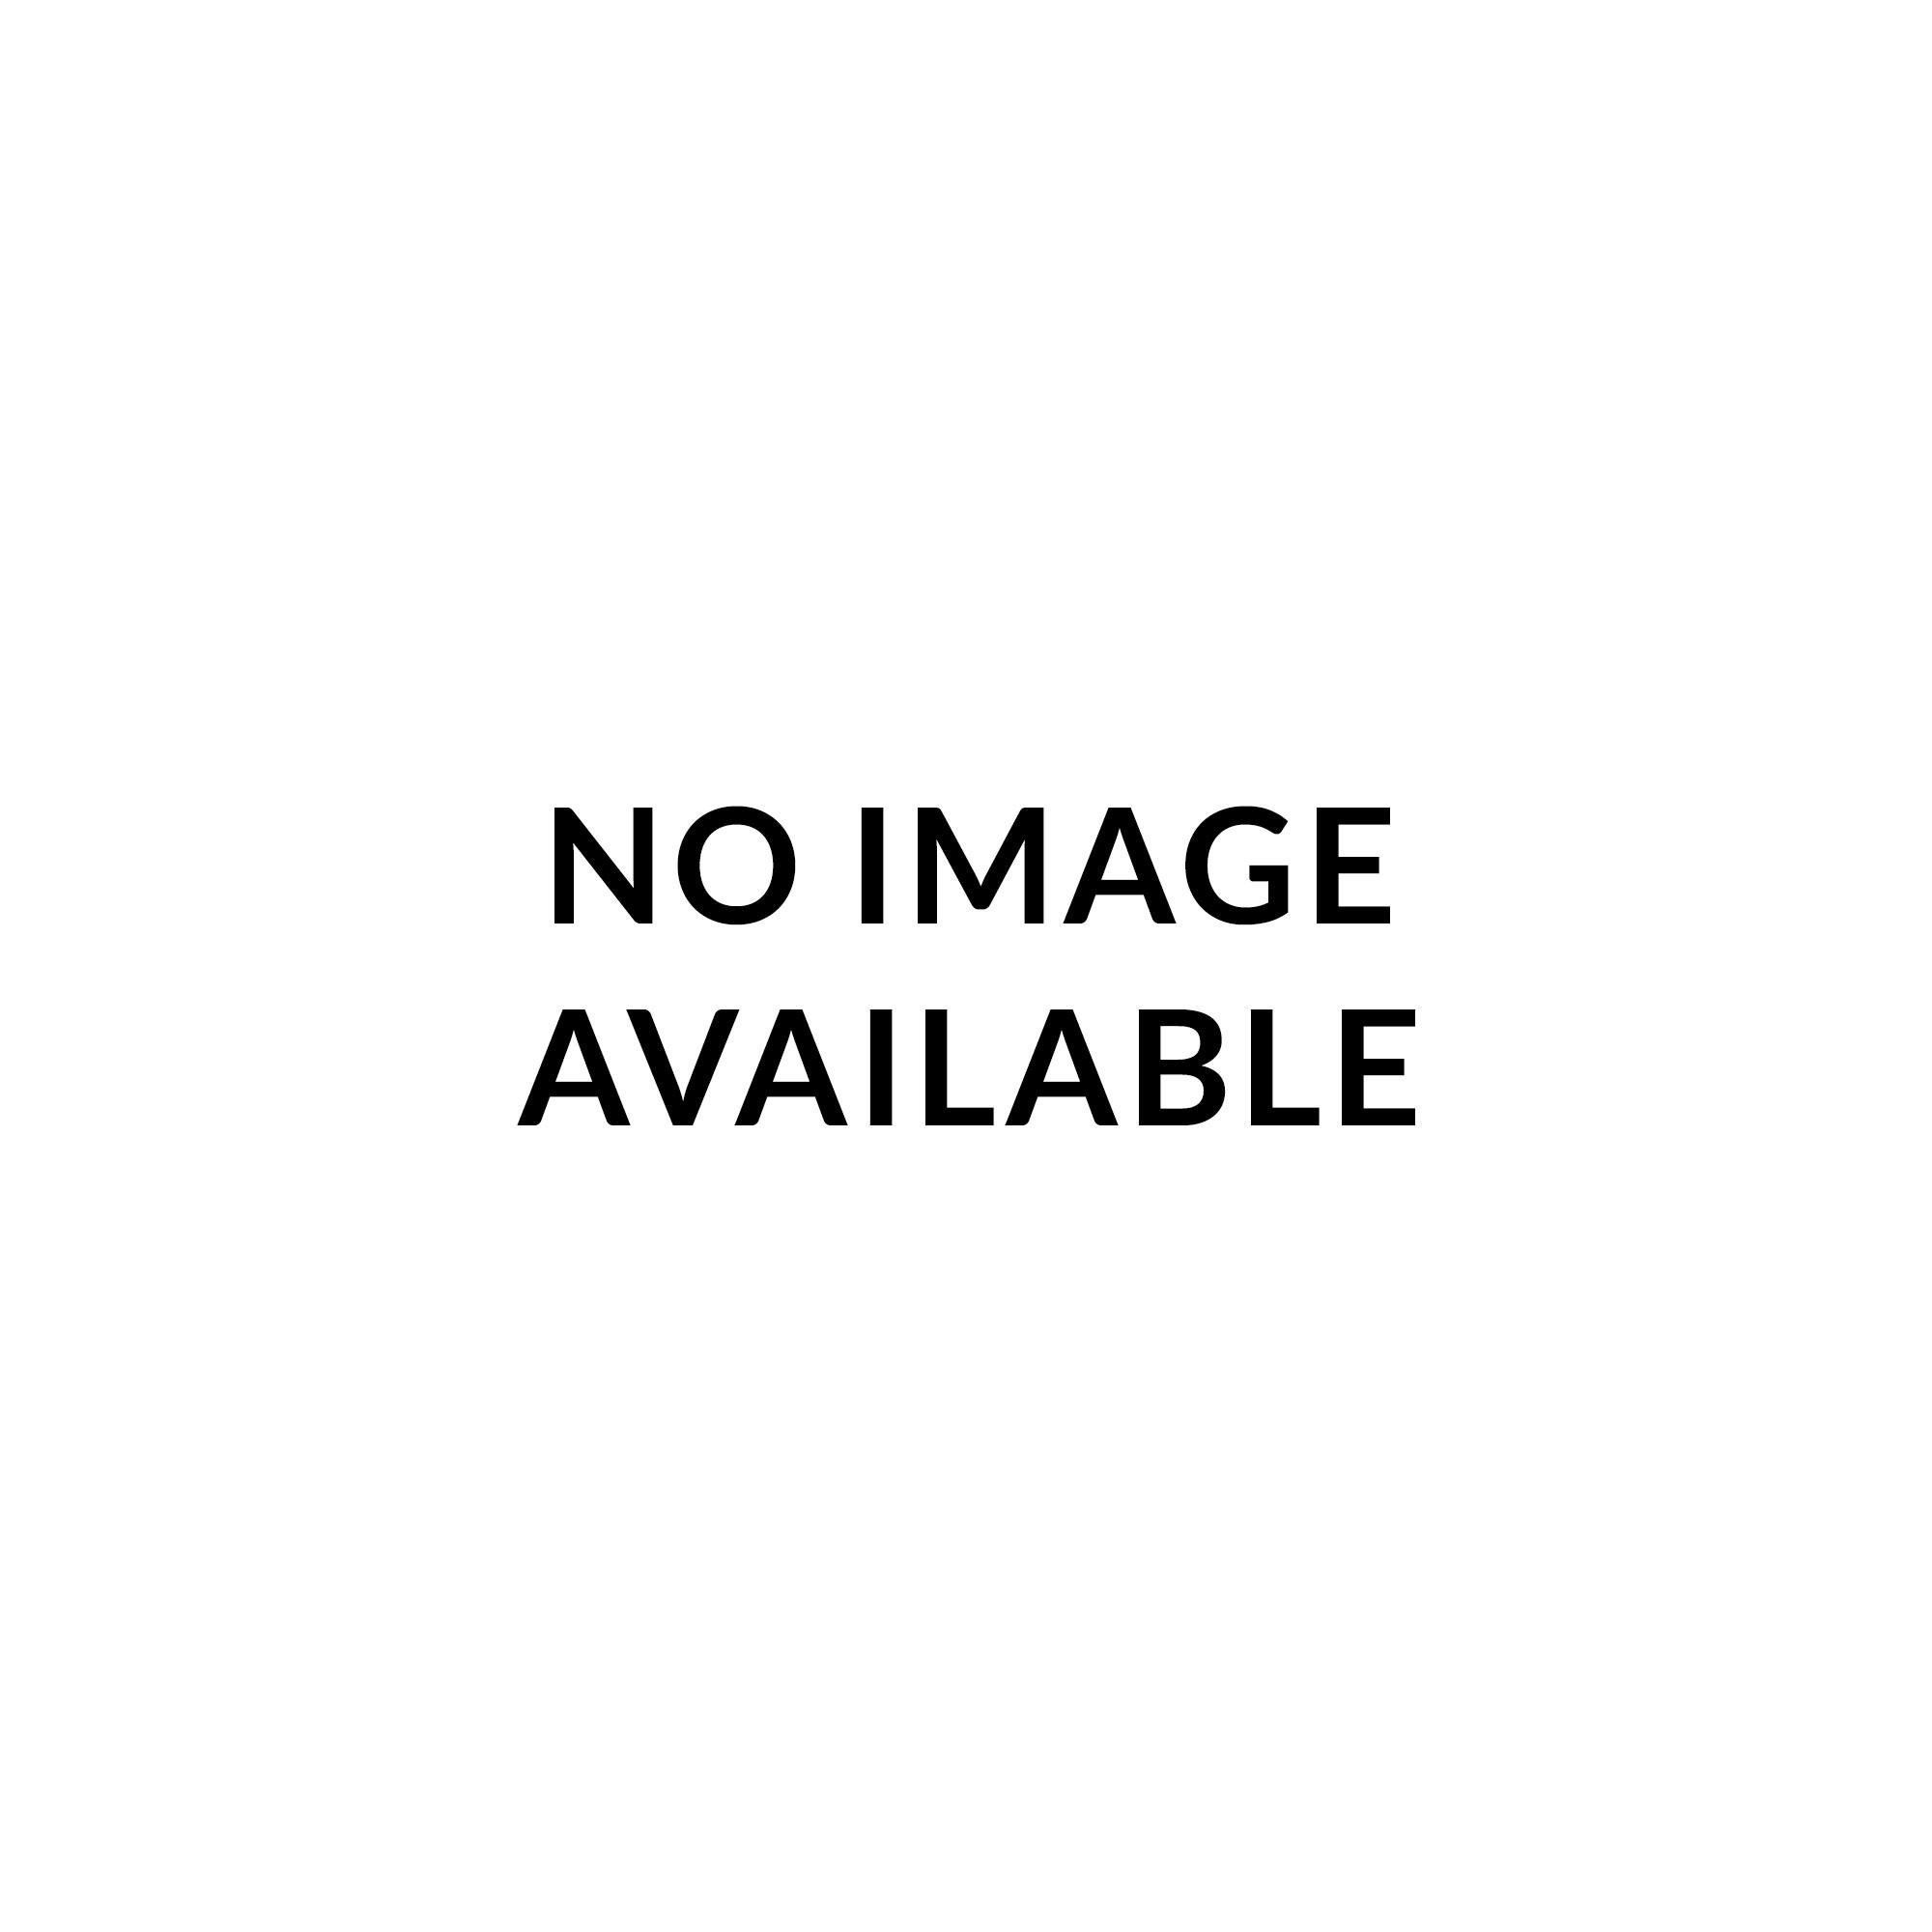 Gibson SG Hard Case, Black Tolex